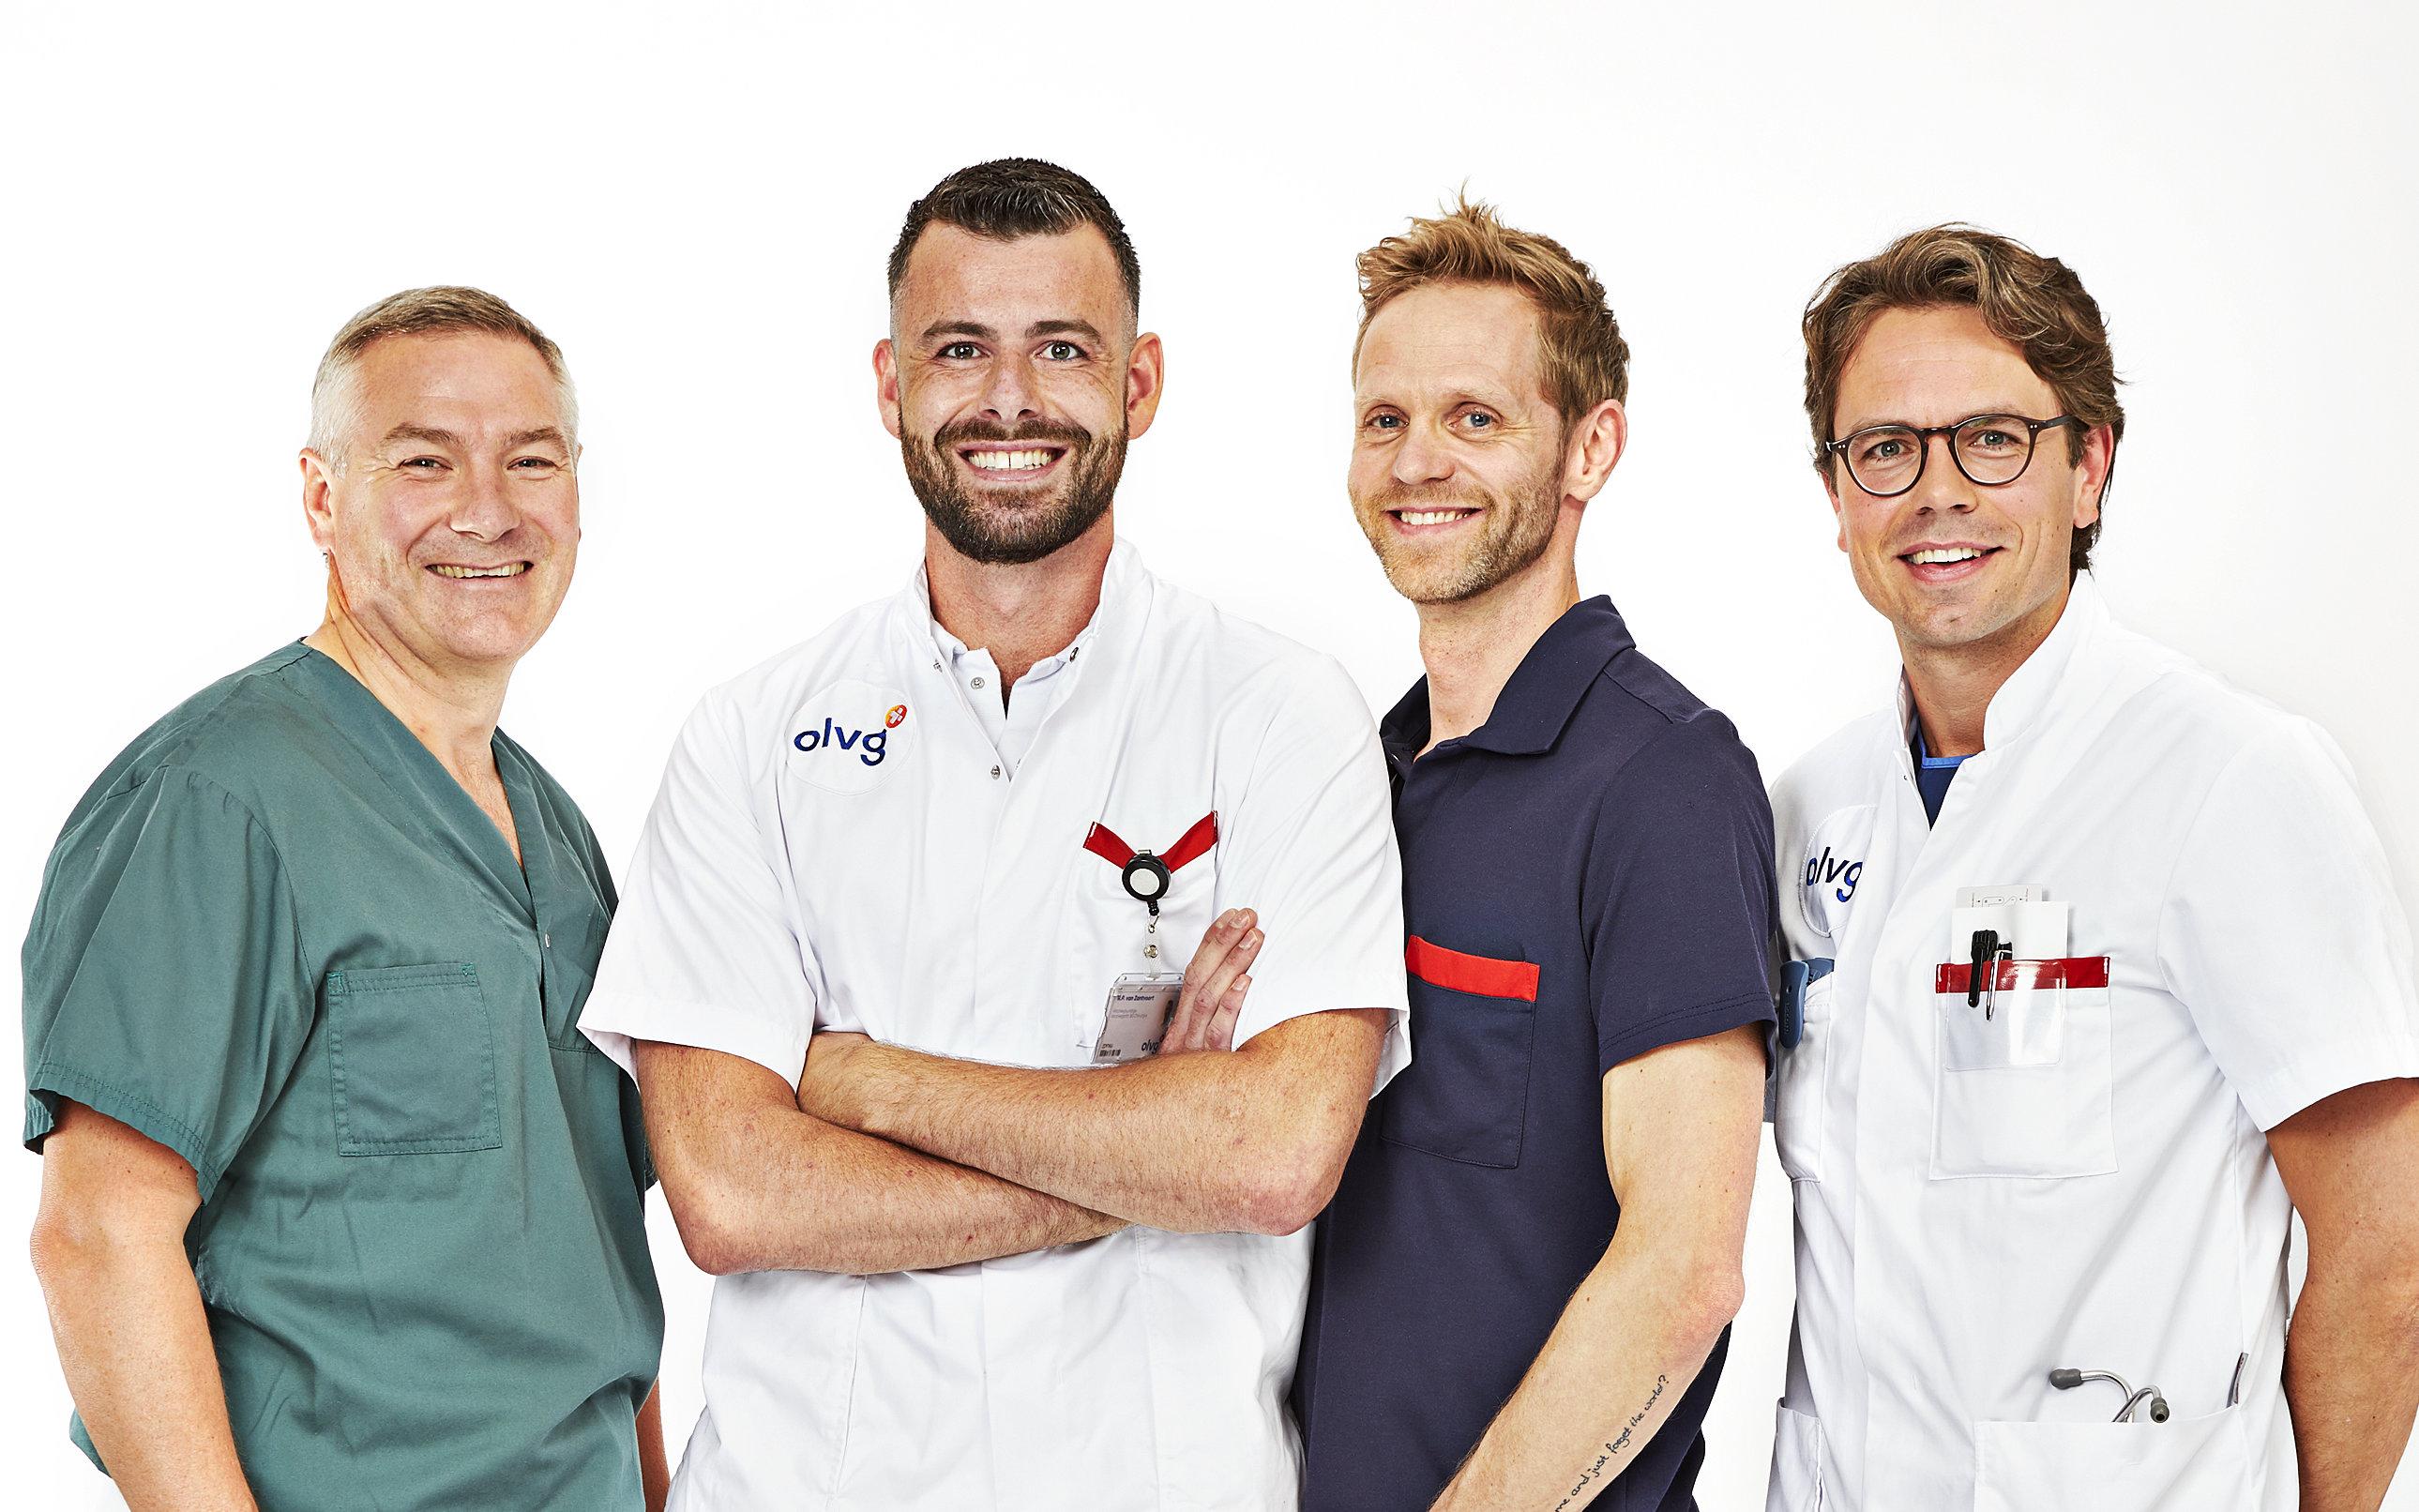 OLVG ziekenhuis Amsterdam vacatures